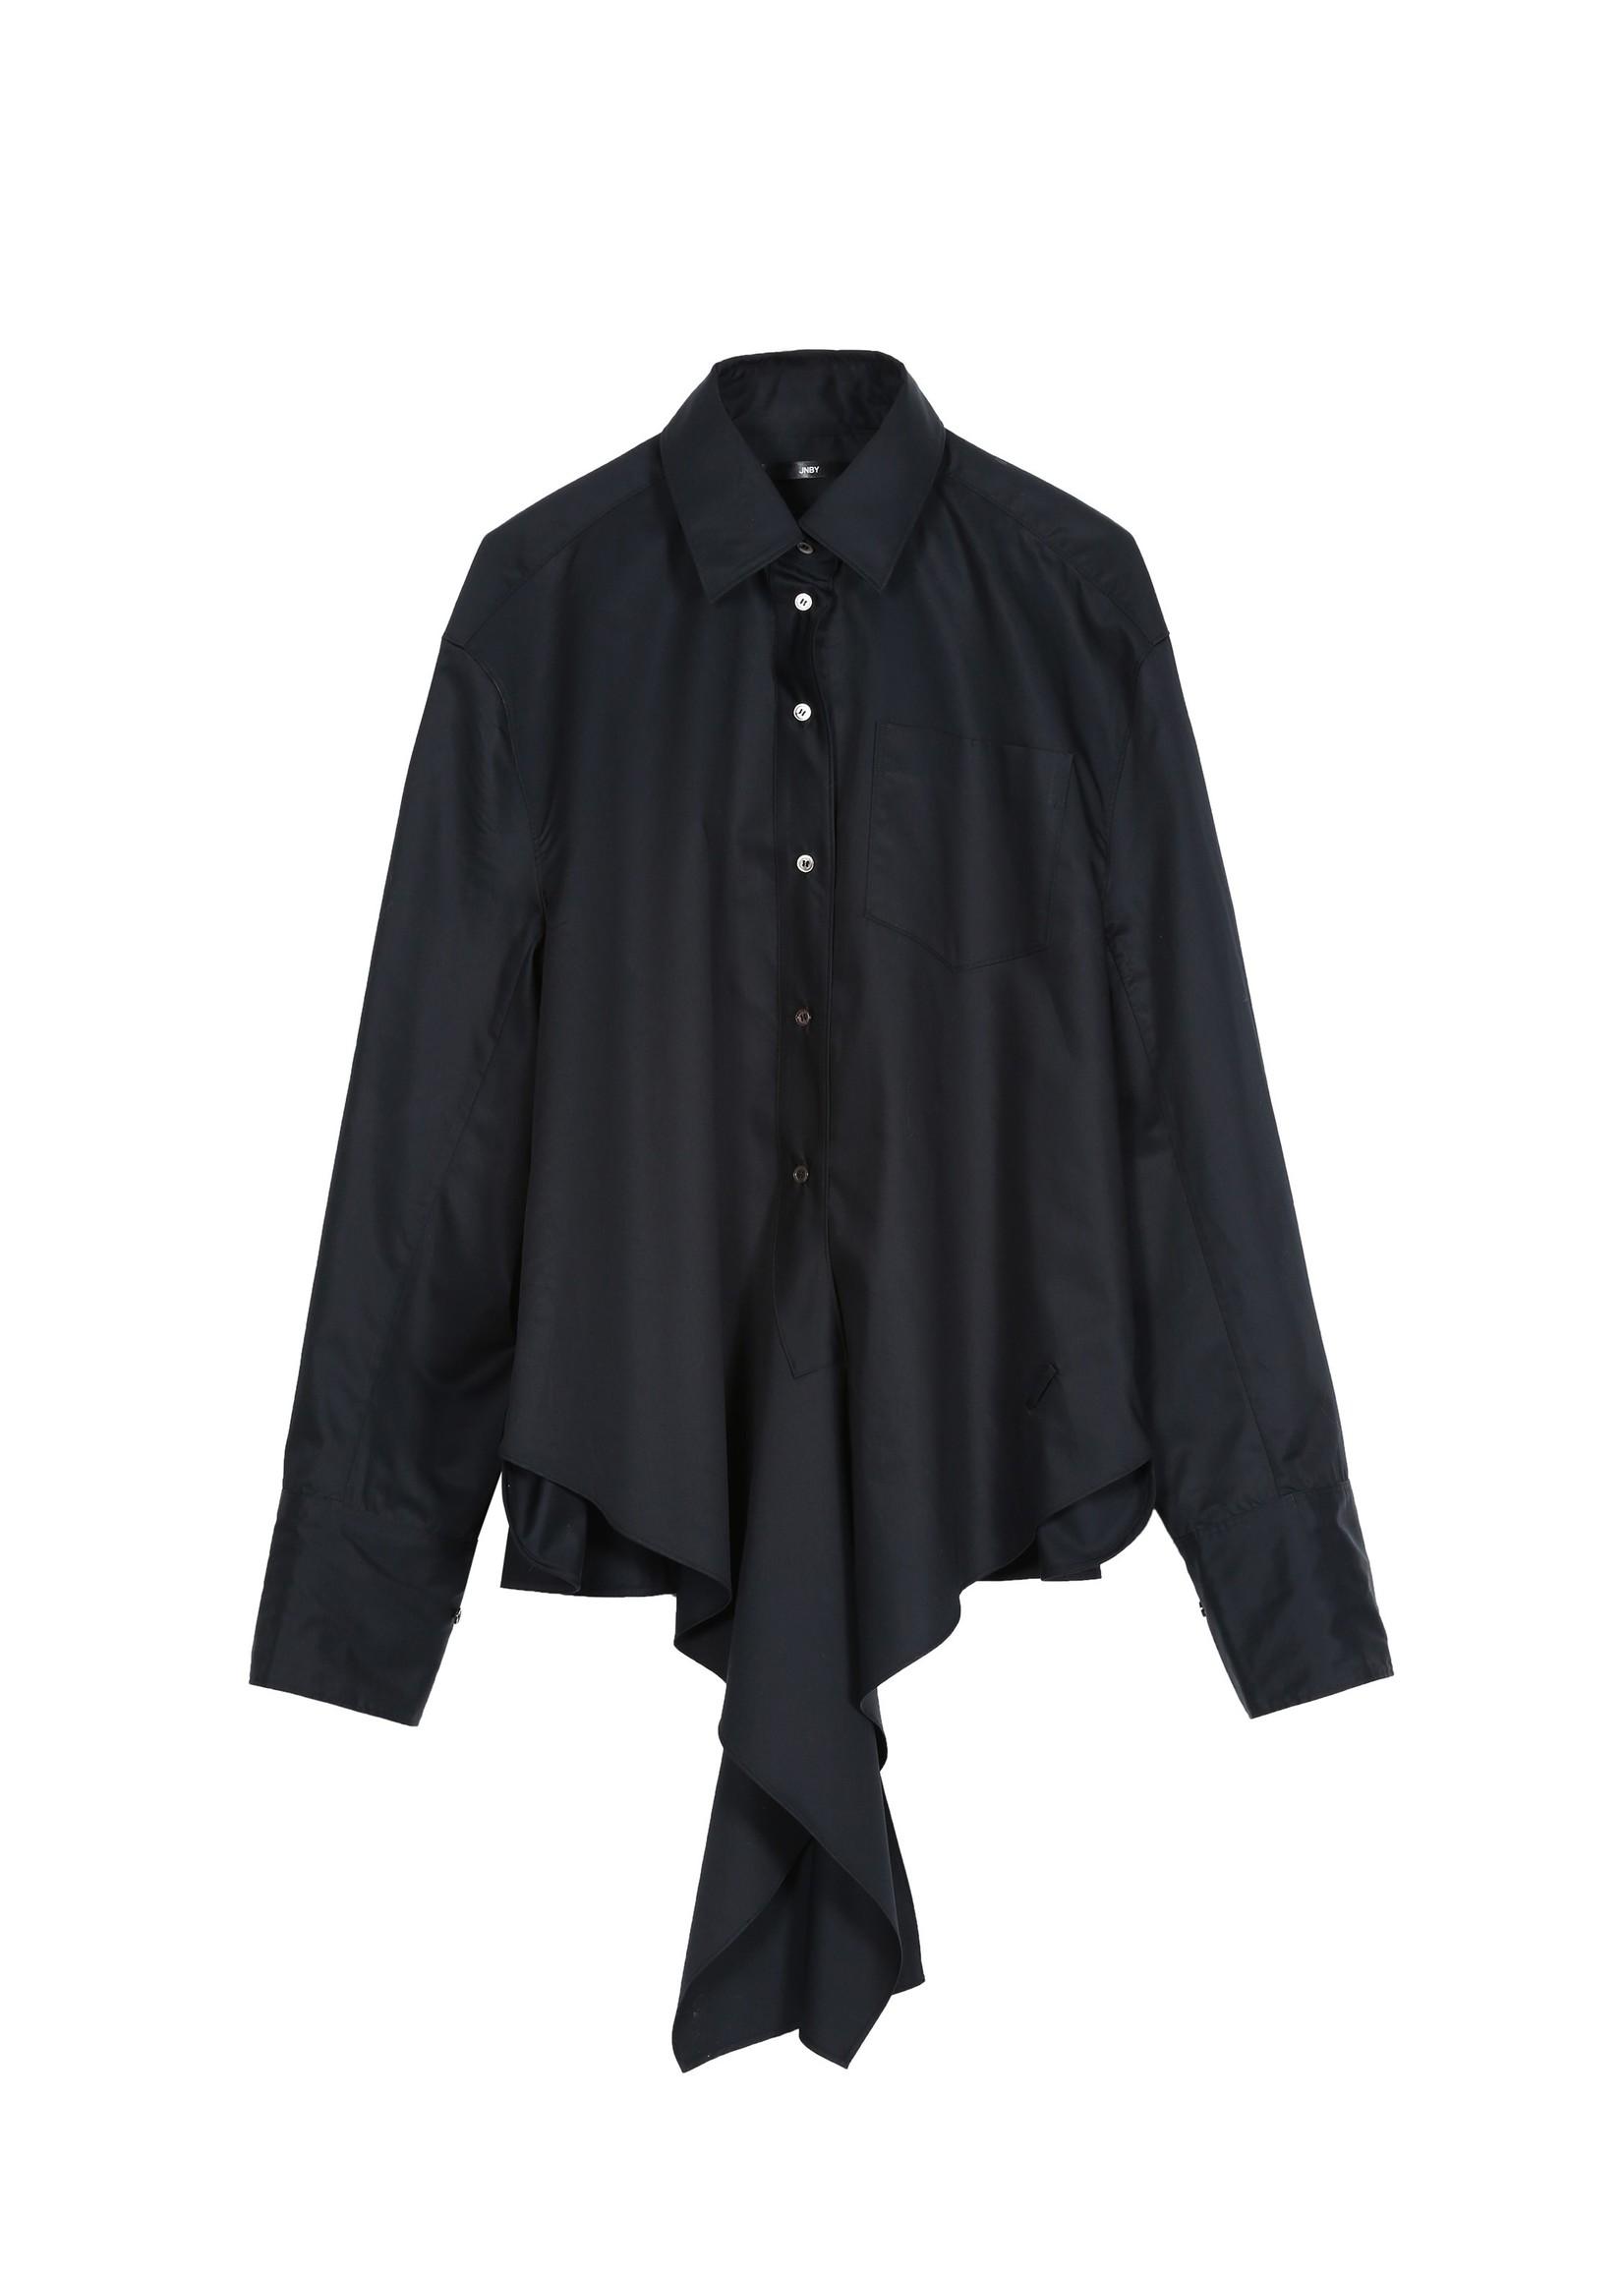 JNBY 5j7102360 jnby blouse